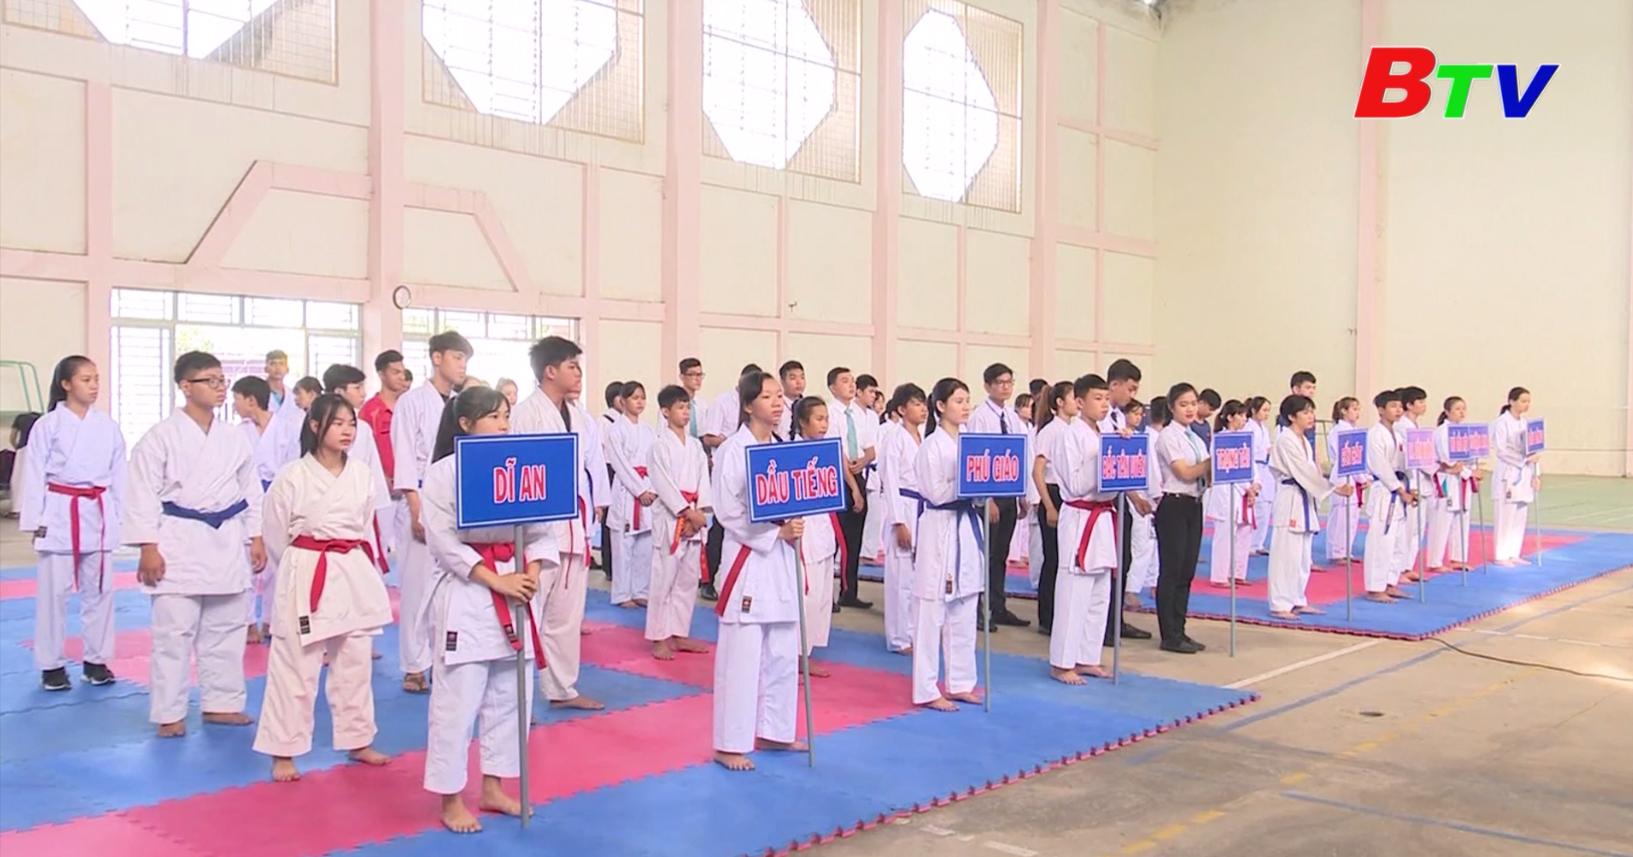 Thị xã Tân Uyên đăng cai tổ chức Giải vô địch Karate tỉnh Bình Dương năm 2020